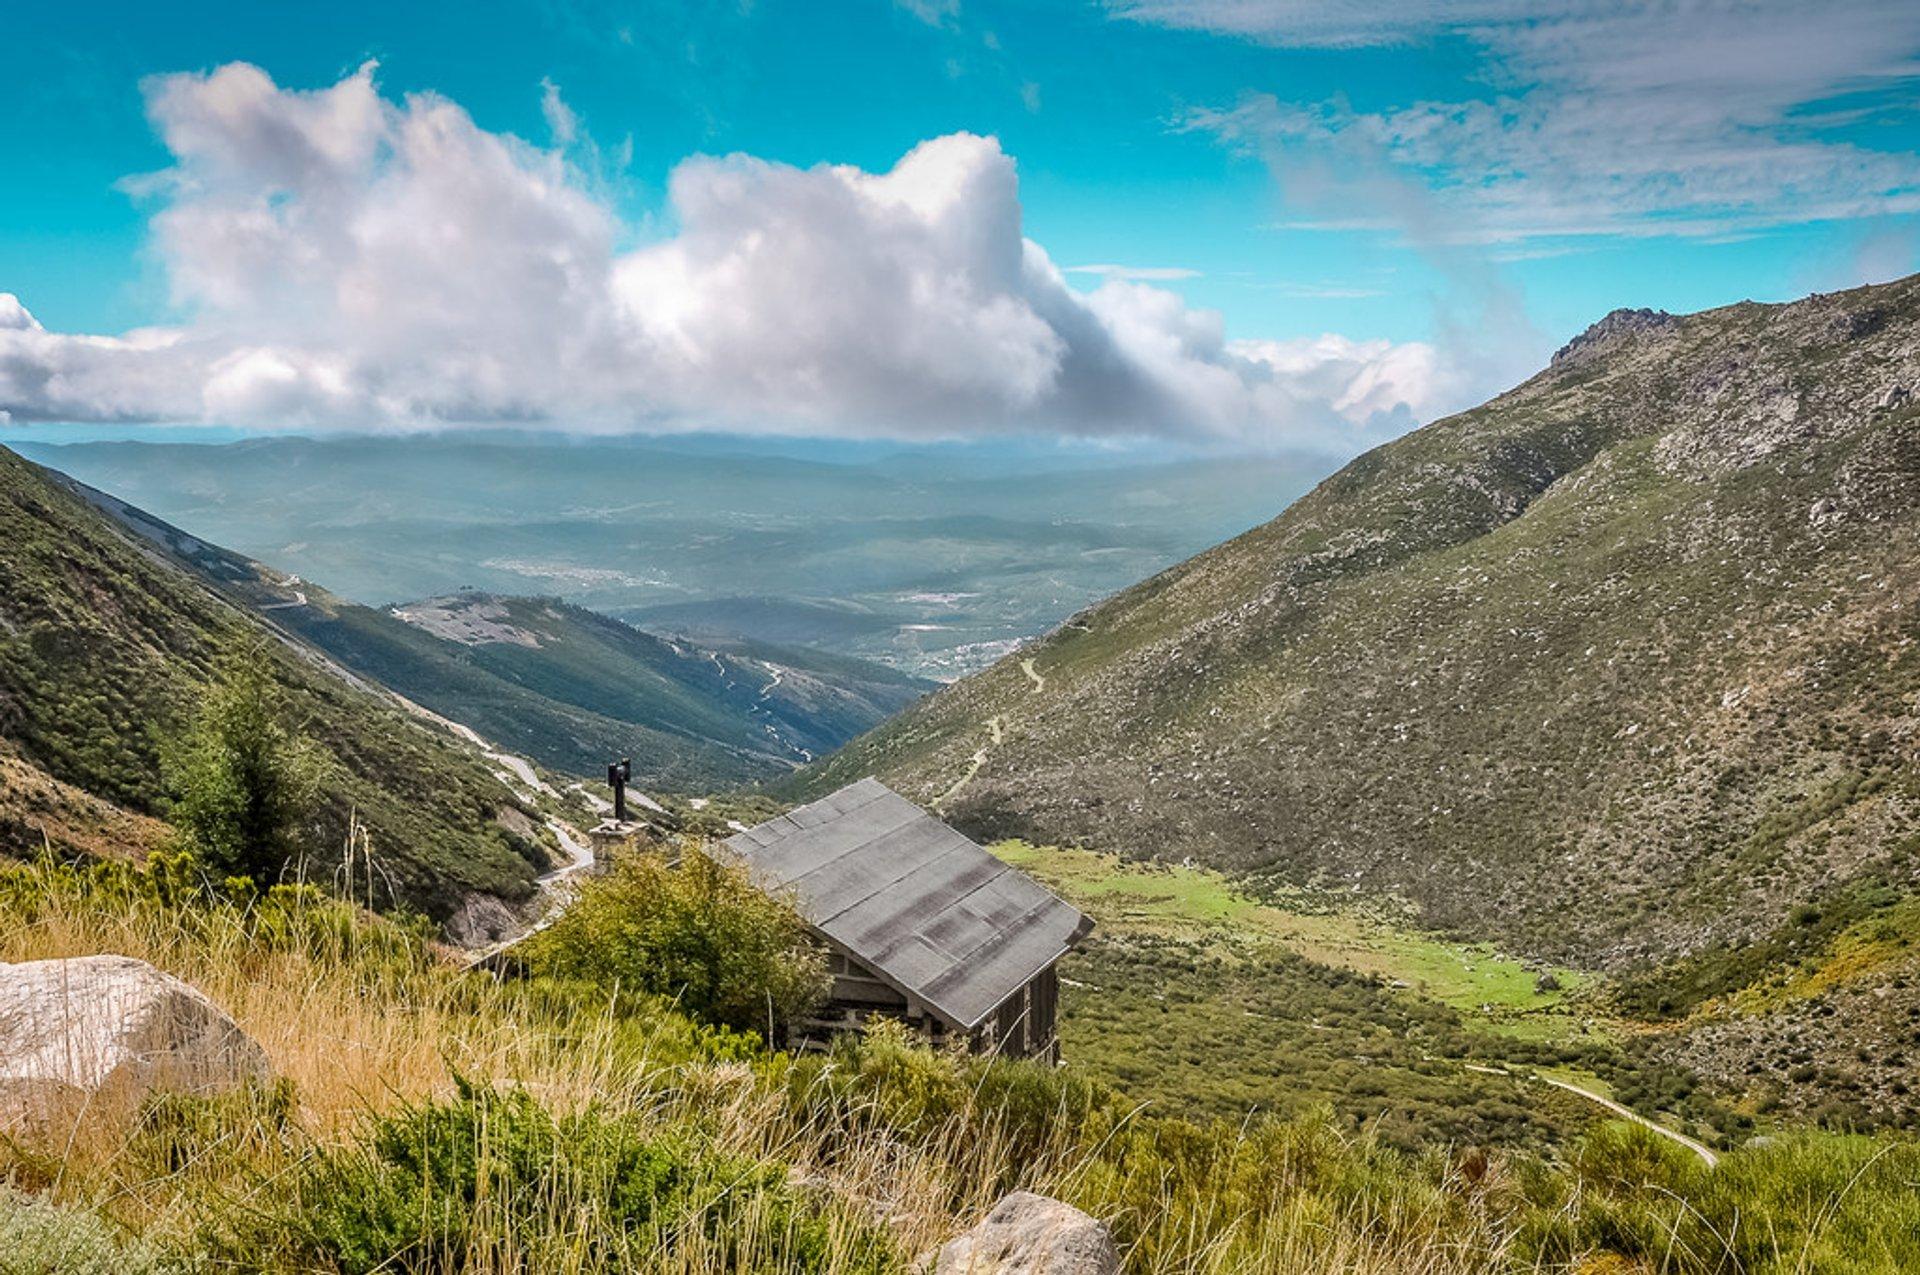 Best time for Hiking in Parque Natural da Serra da Estrela in Portugal 2020